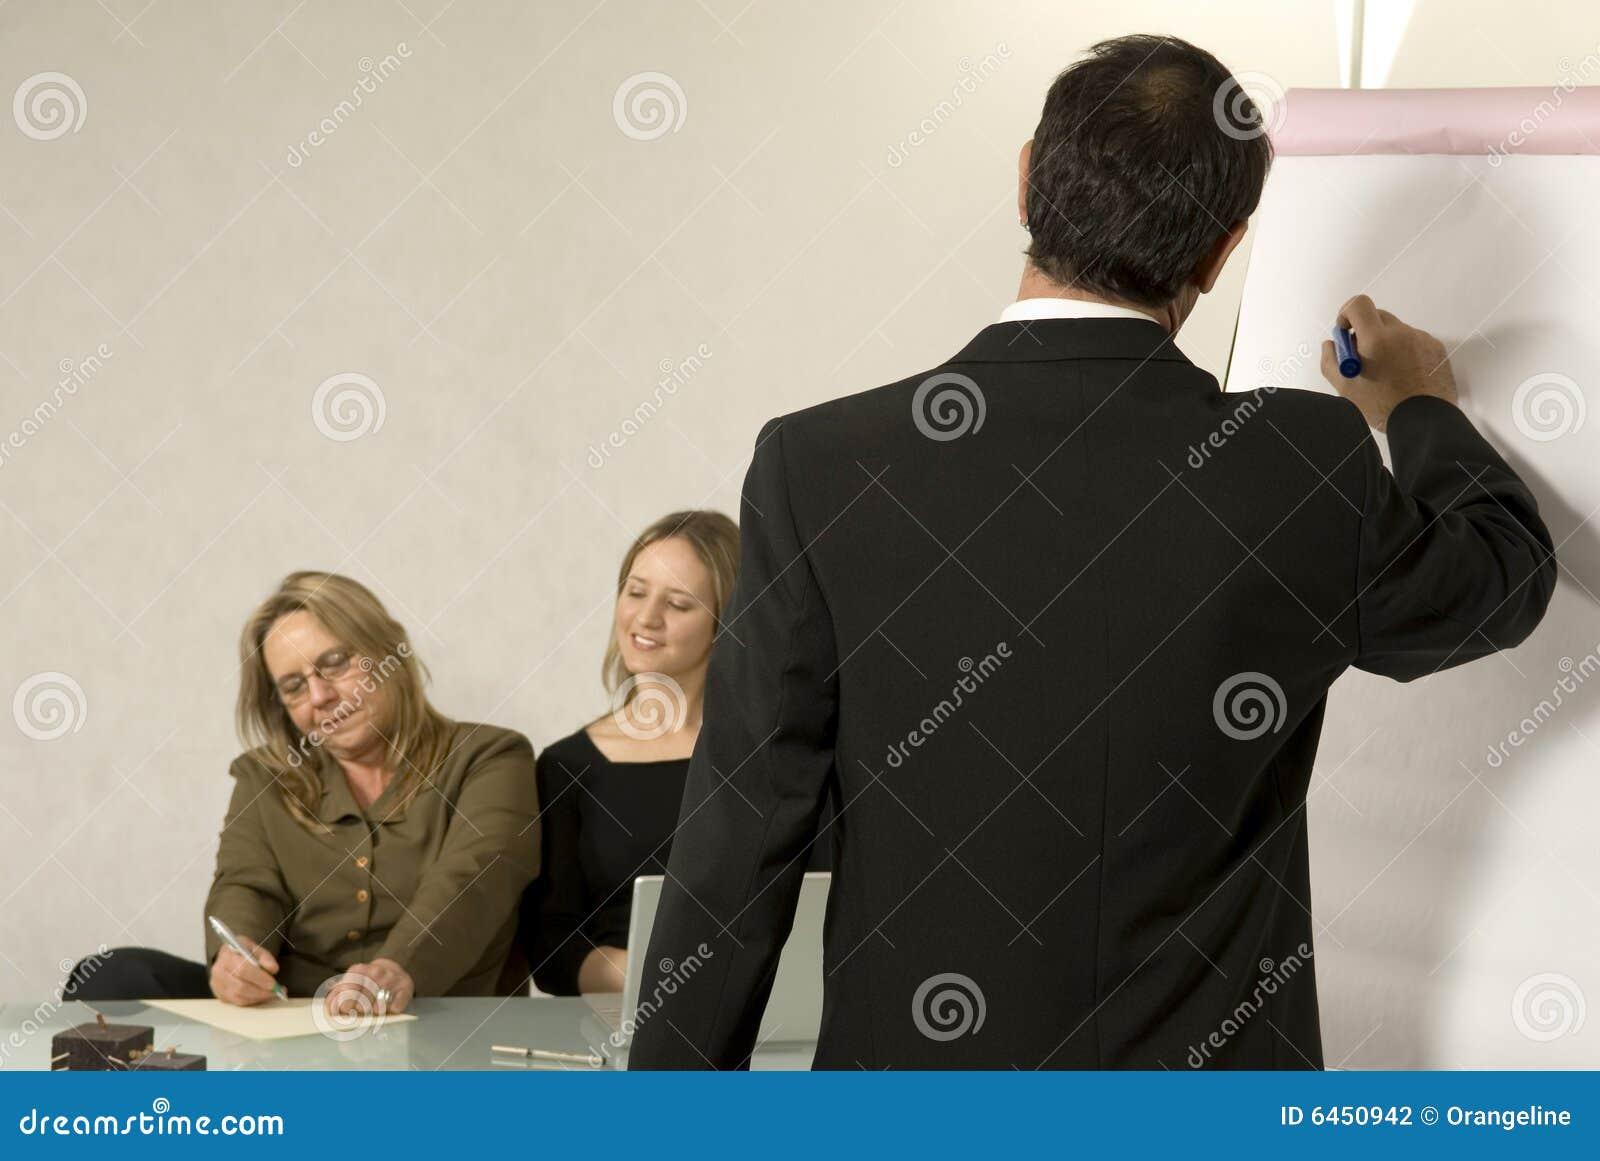 босс давая представление офиса